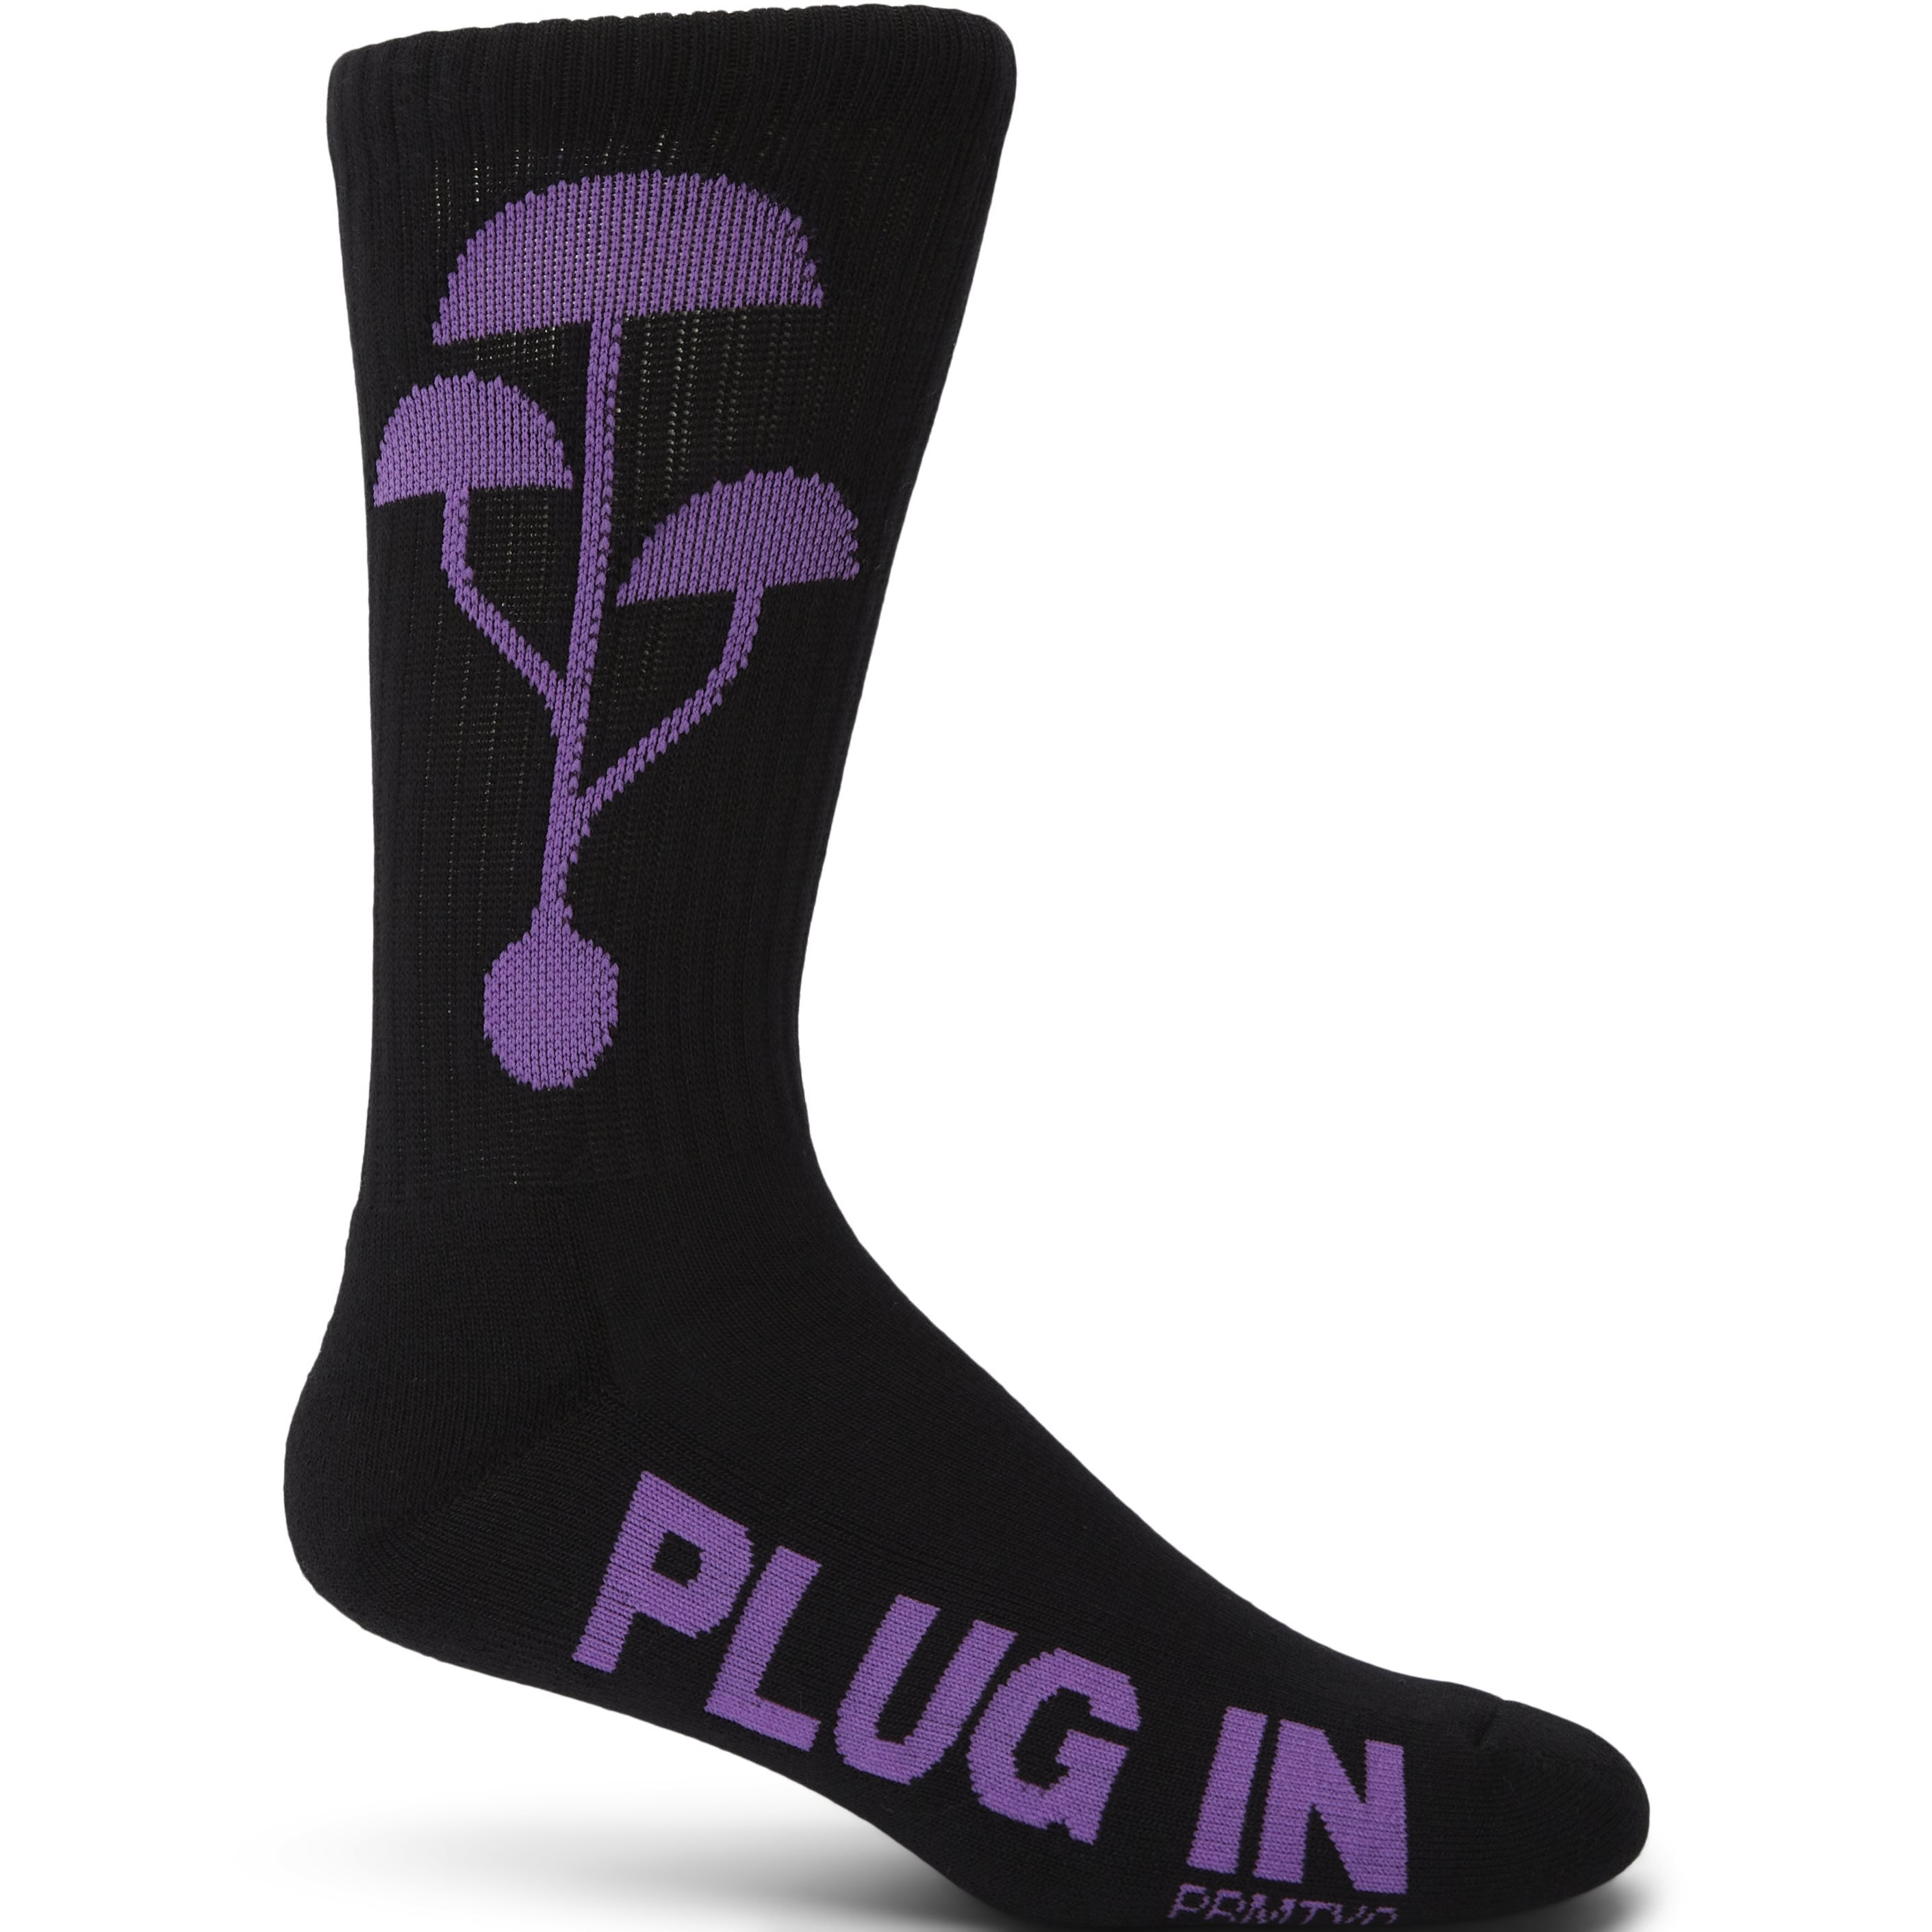 Plug in Socks - Strømper - Sort